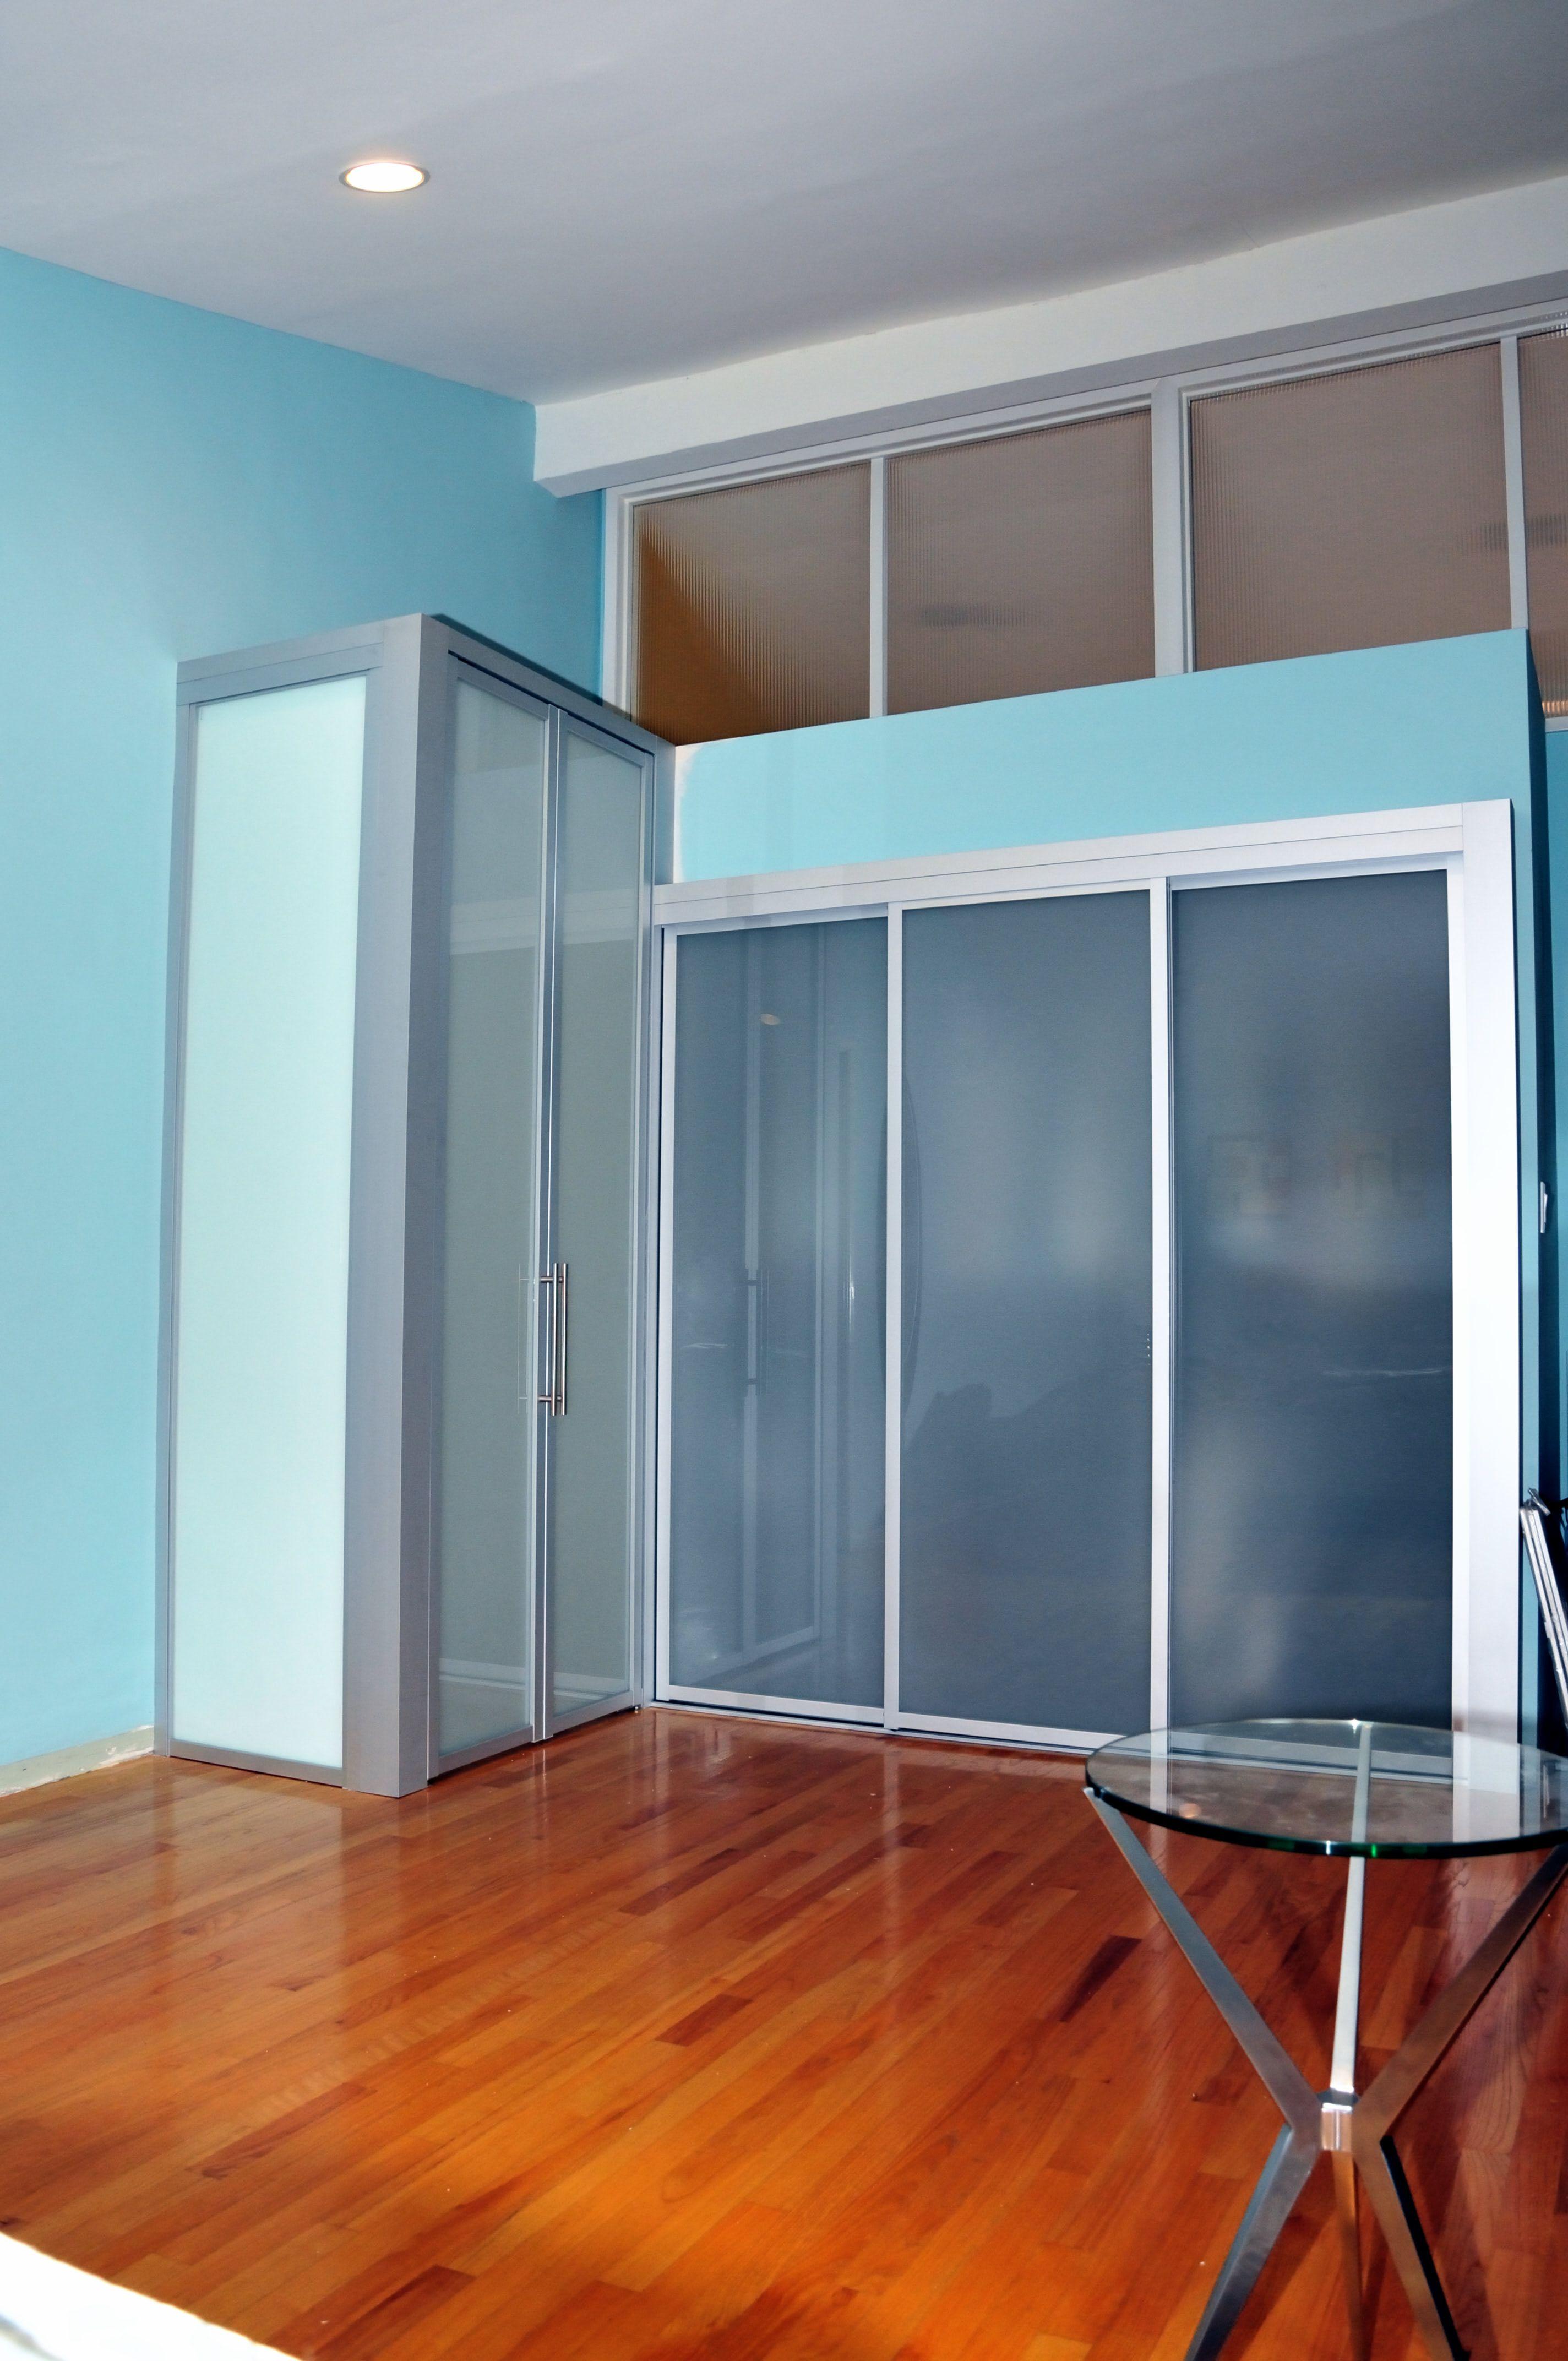 No Closet No Problem Build A Perfectly Sized Dream Closet With